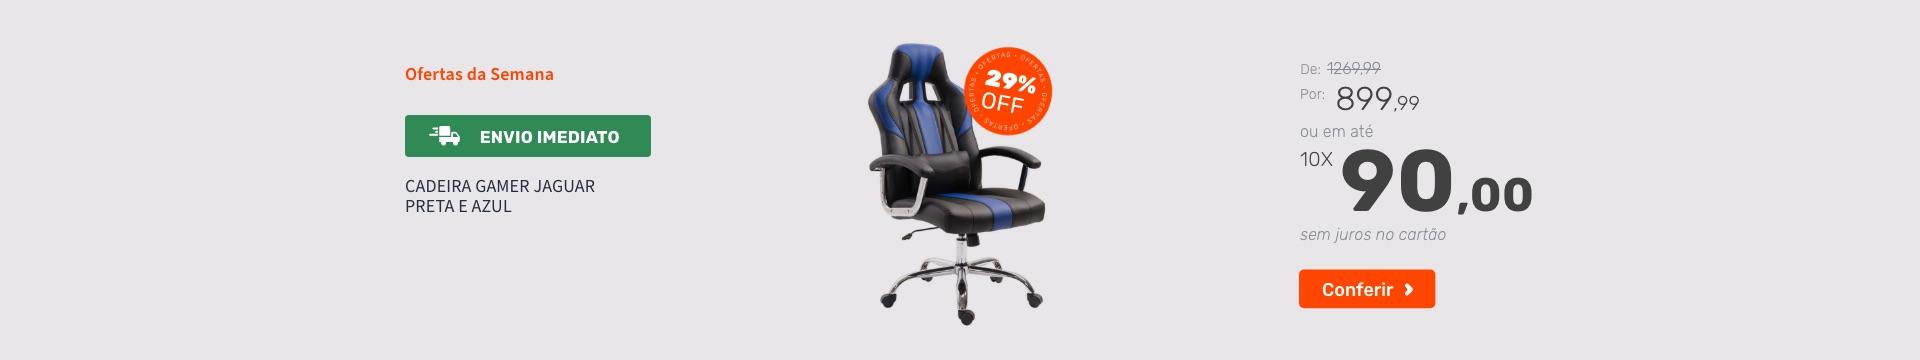 Cadeira Gamer Jaguar Preta e Azul - Ofertas especiais